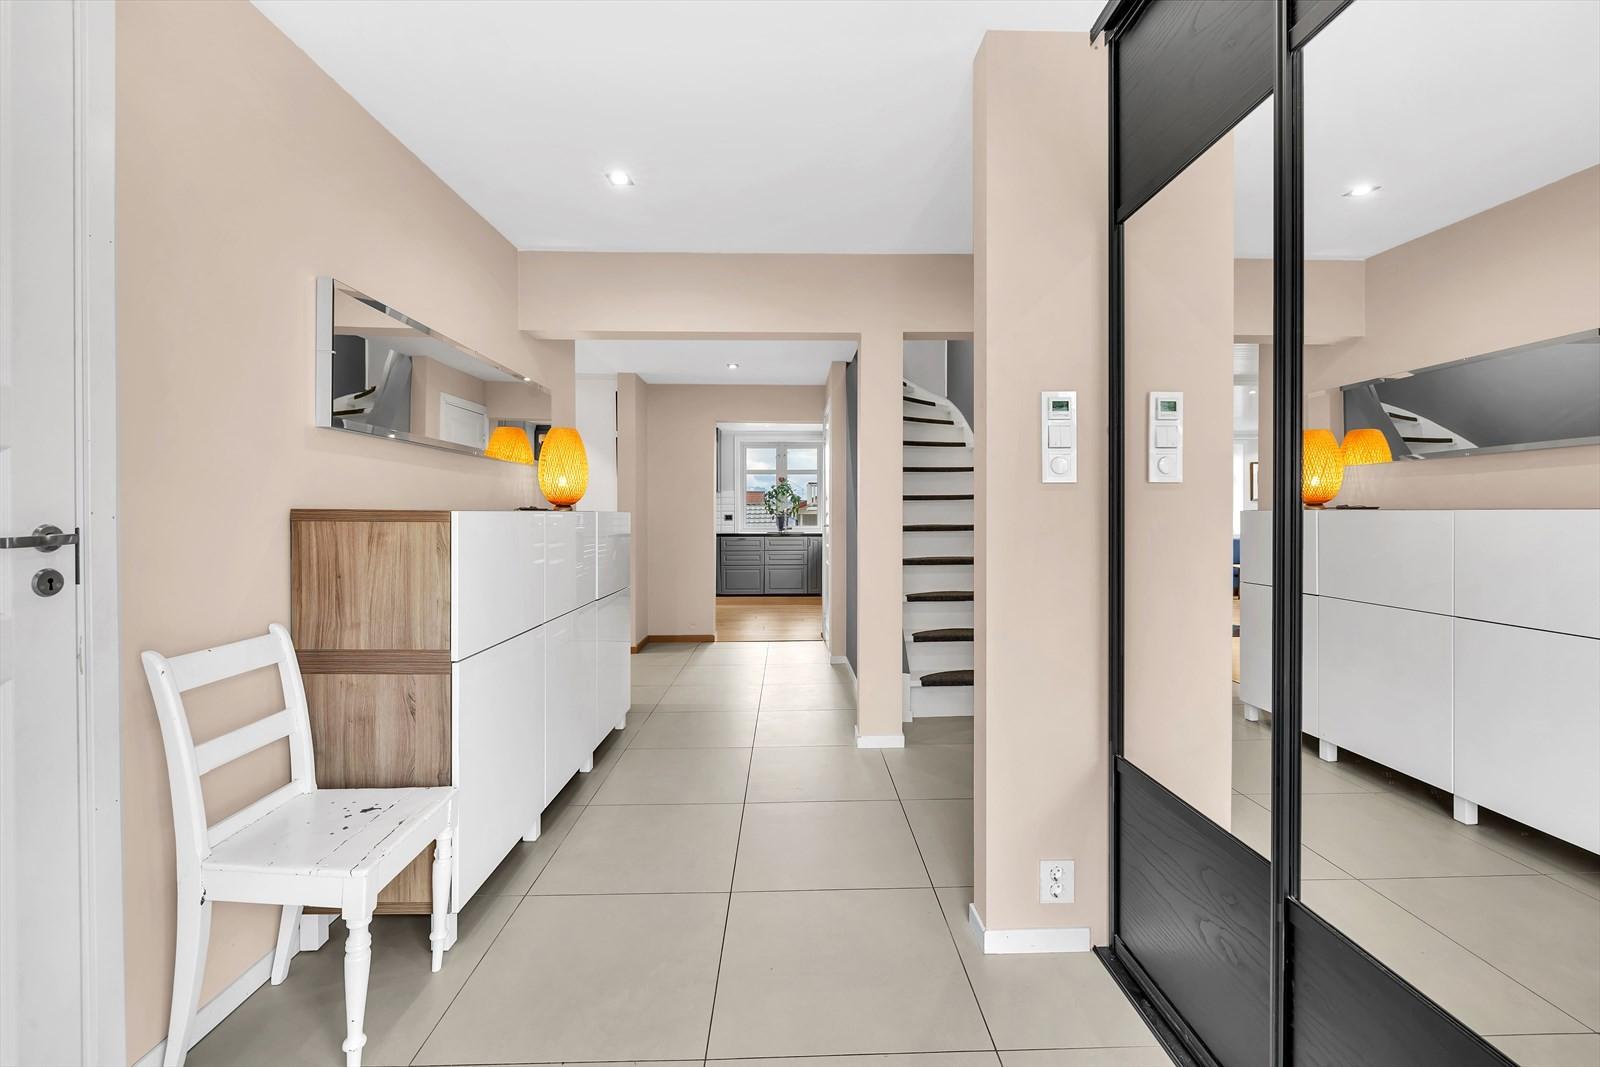 Velkommen inn! - Det første som møter deg i boligen er denne flotte ganger som har en fin skyvedørsgarderobe, storformat fliser på gulv og som leder deg til et praktisk bad/vaskerom og inn til stue / kjøkken